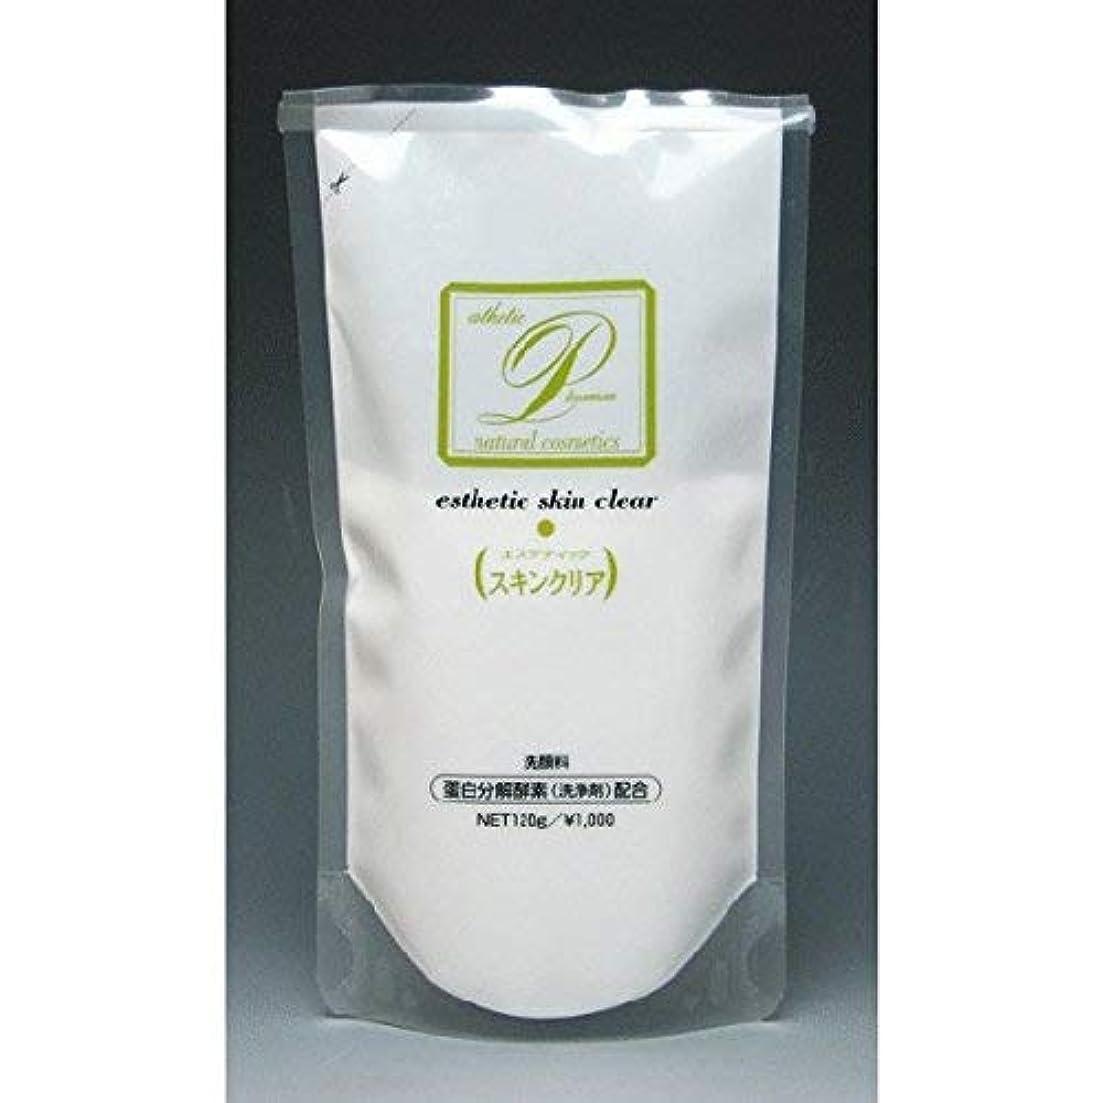 太陽チータープラスメロス スキンクリア 酵素スキンクリア 120g (脂性肌/普通肌用)【詰替え】